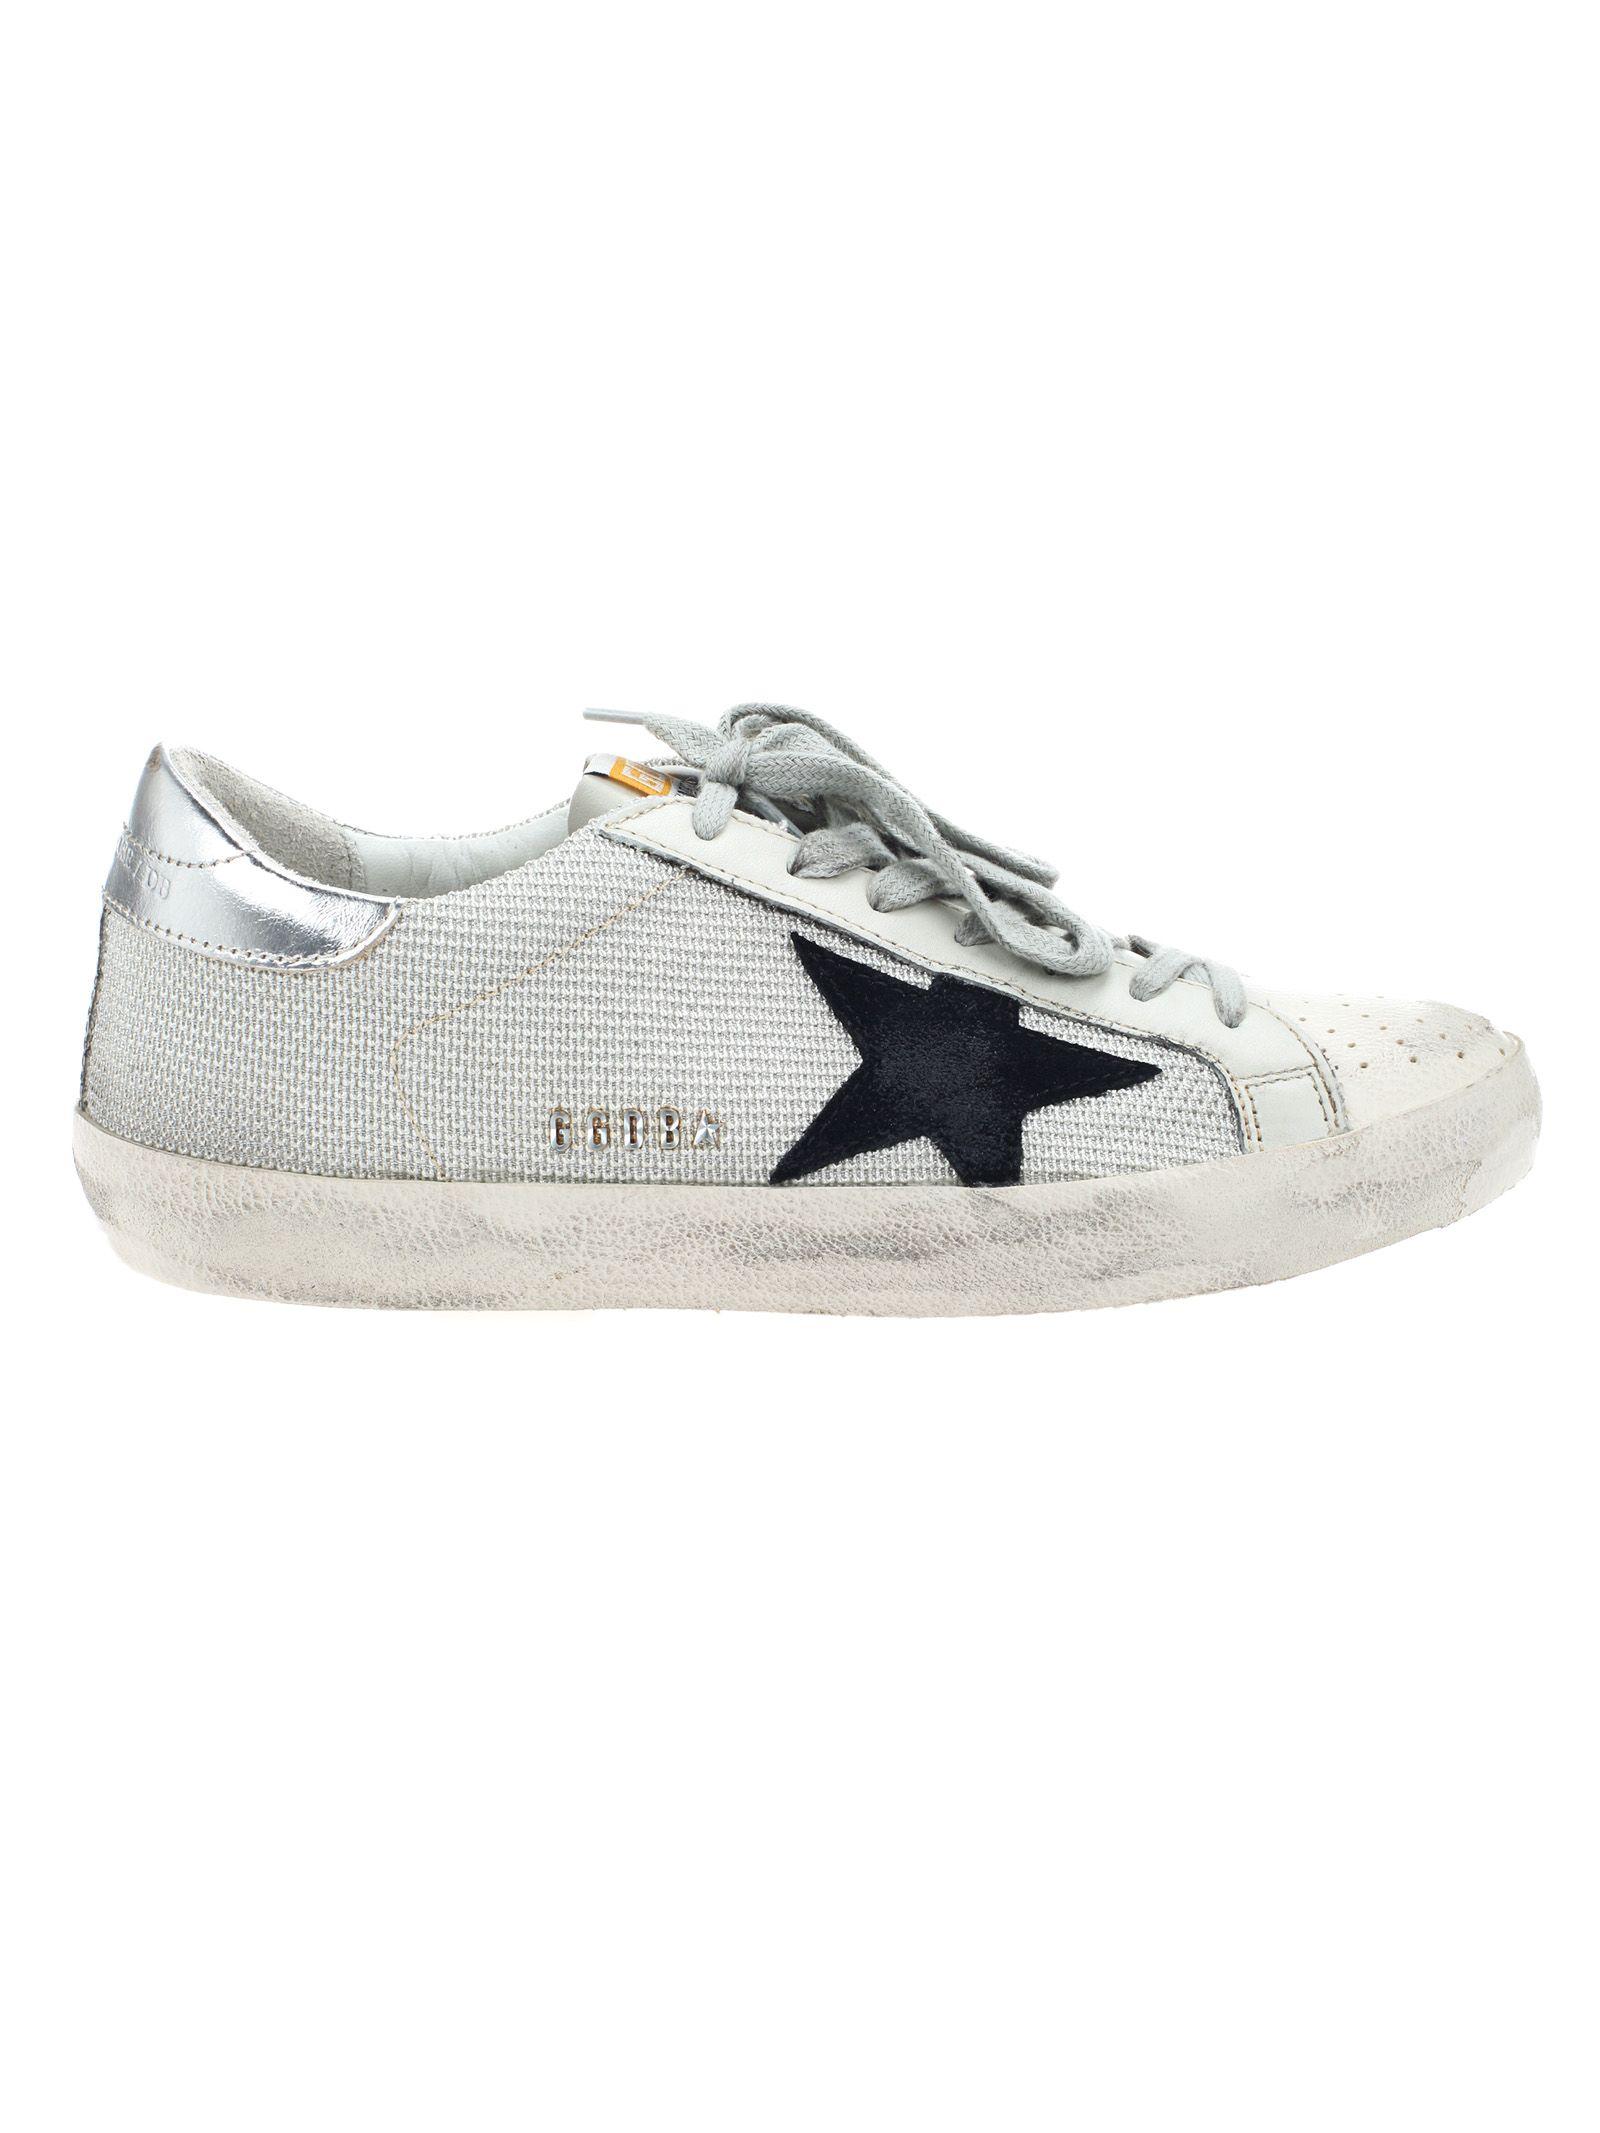 Golden Goose Golden Goose Deluxe Brand Superstar Sneakers